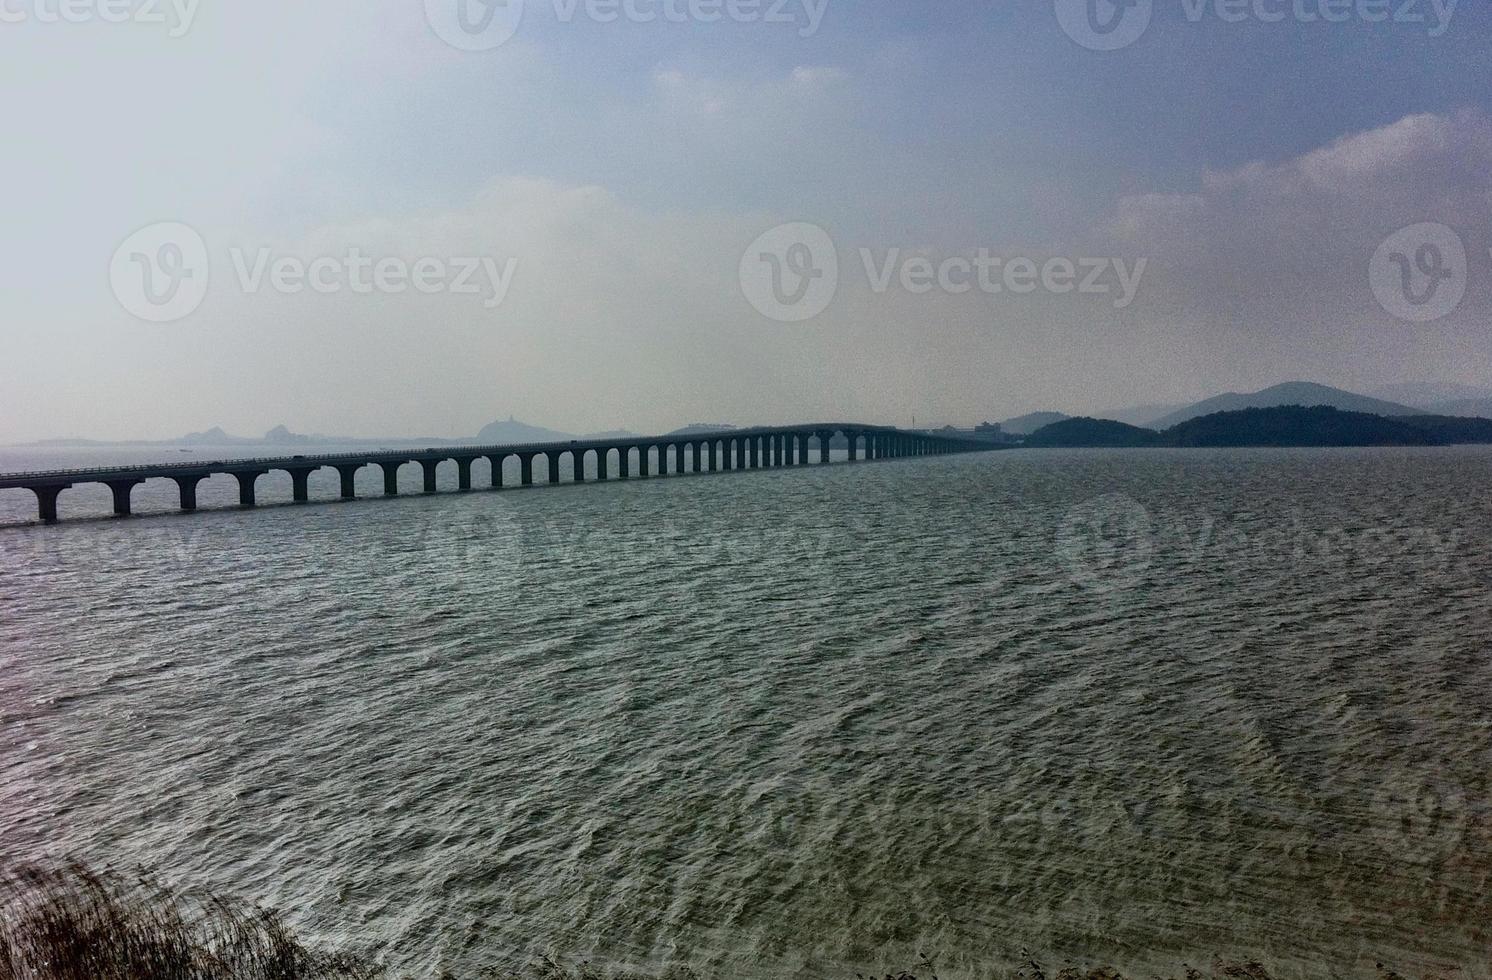 ponte da estrada que conecta ilhas na área do lago suzhou. foto